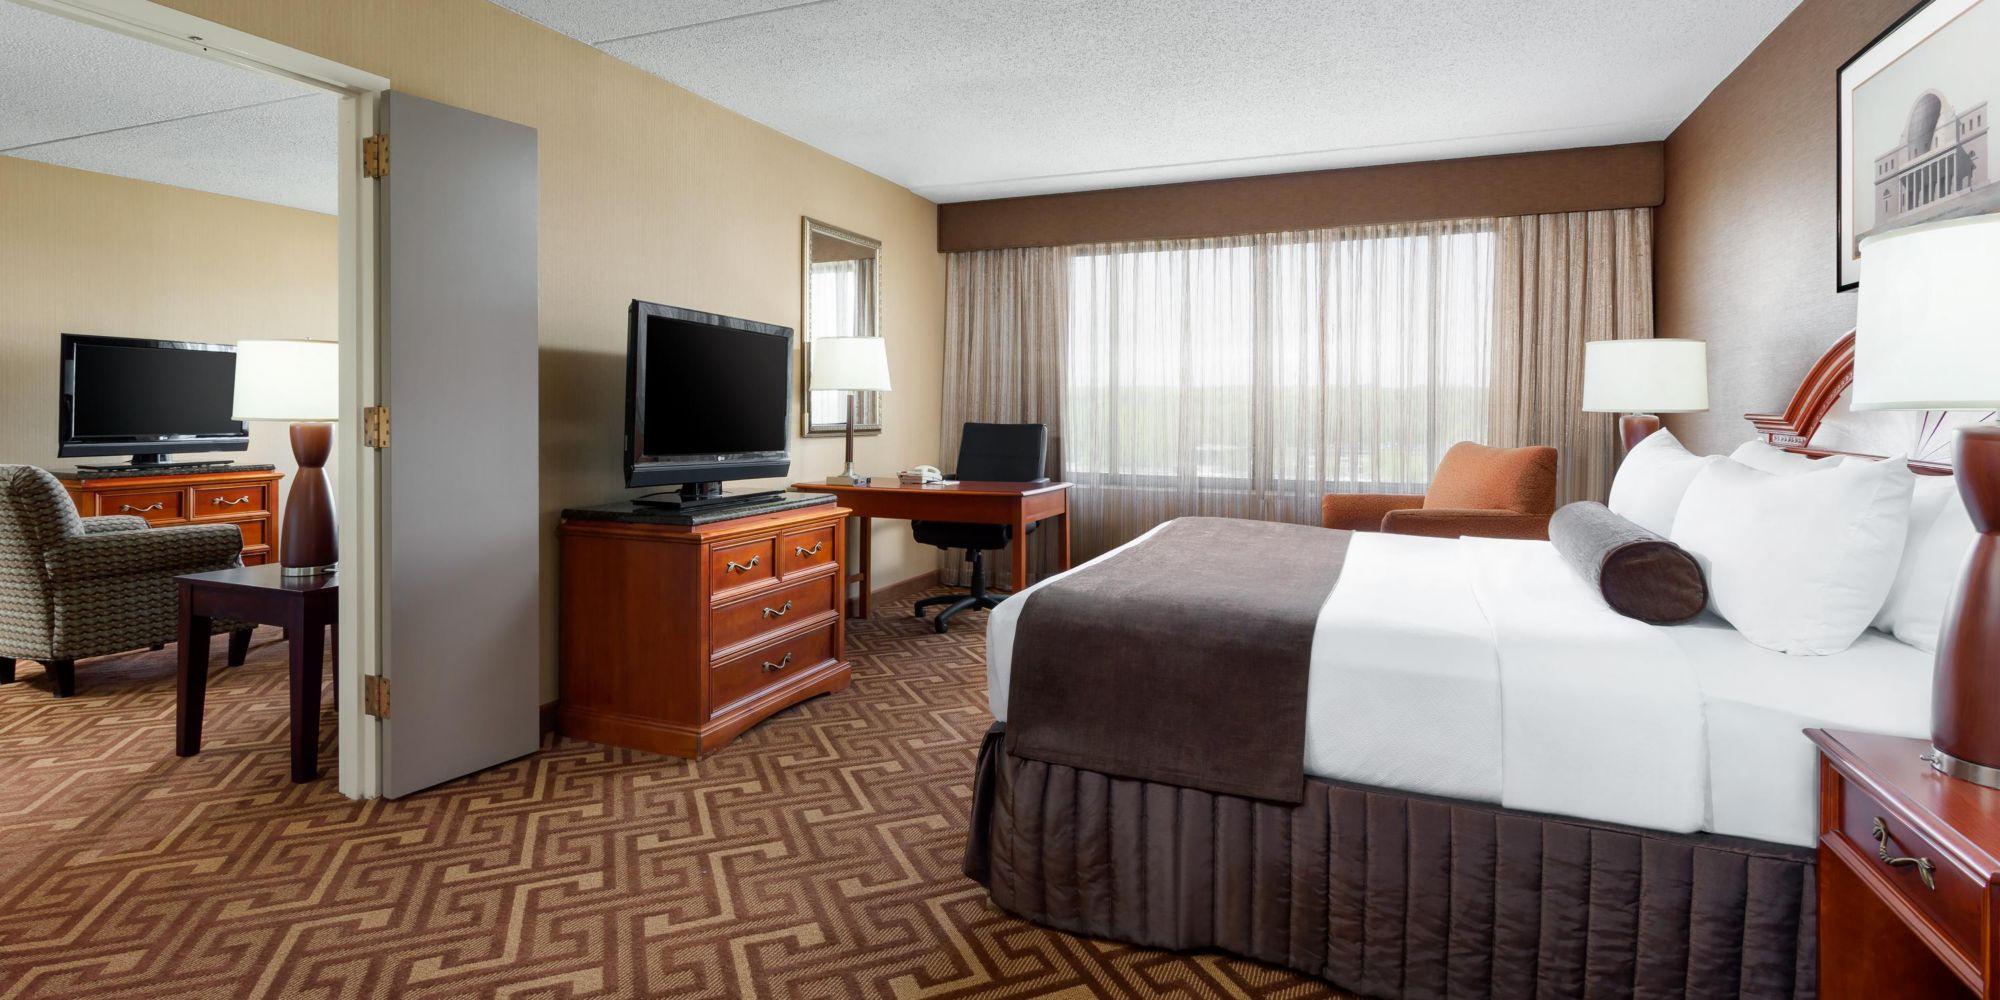 crowne plaza englewood king suite h cpm. Black Bedroom Furniture Sets. Home Design Ideas